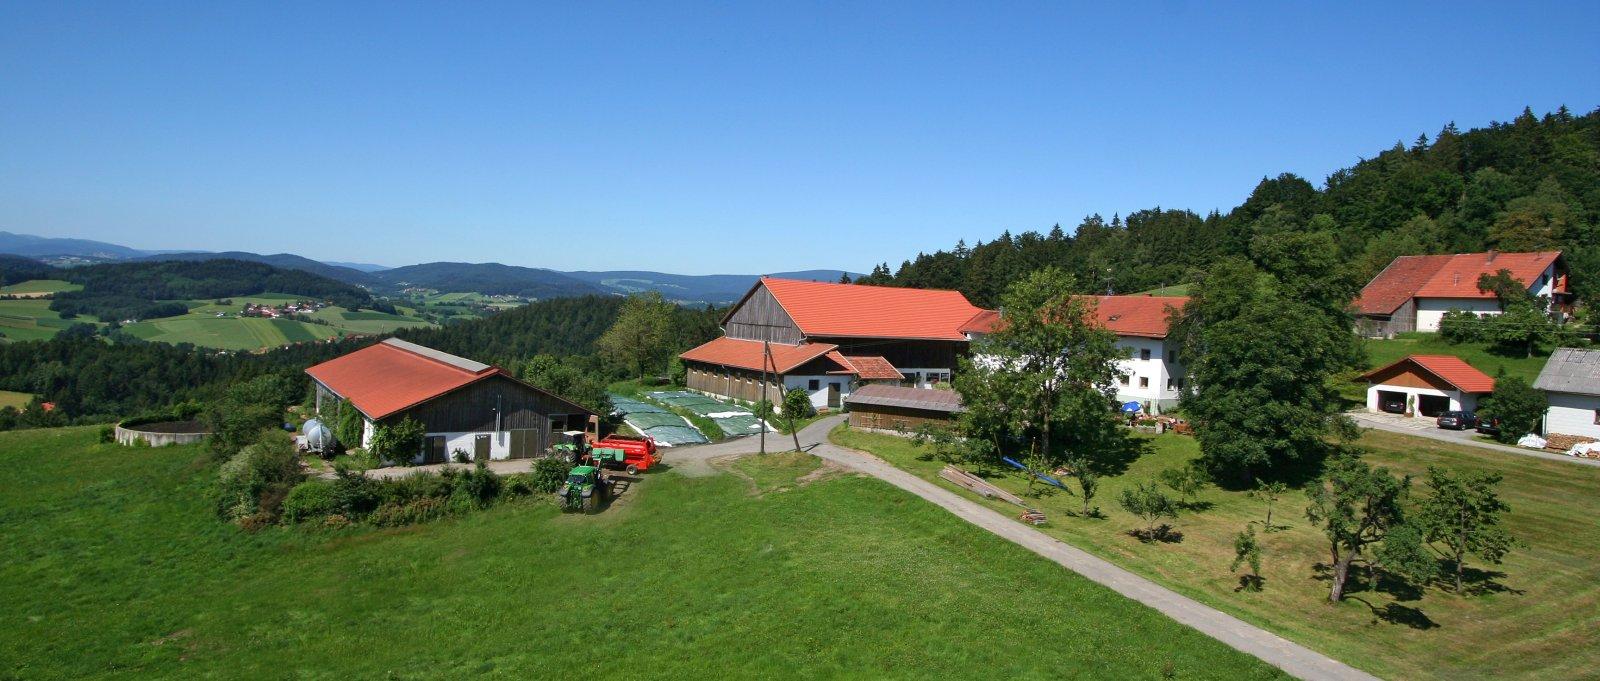 Ferienhof Schätzl Bauernhof mit herrlichem Fernblick